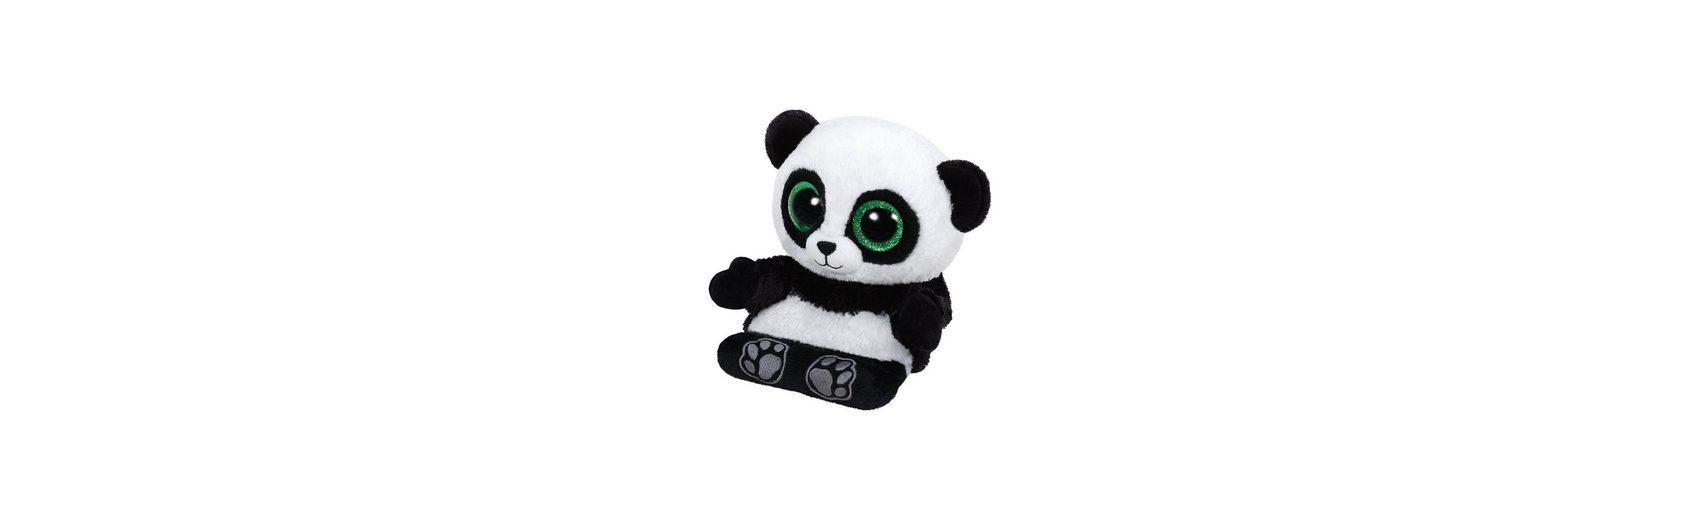 Ty Peek-A-Boo Poo Panda, 15cm, Handyhalter